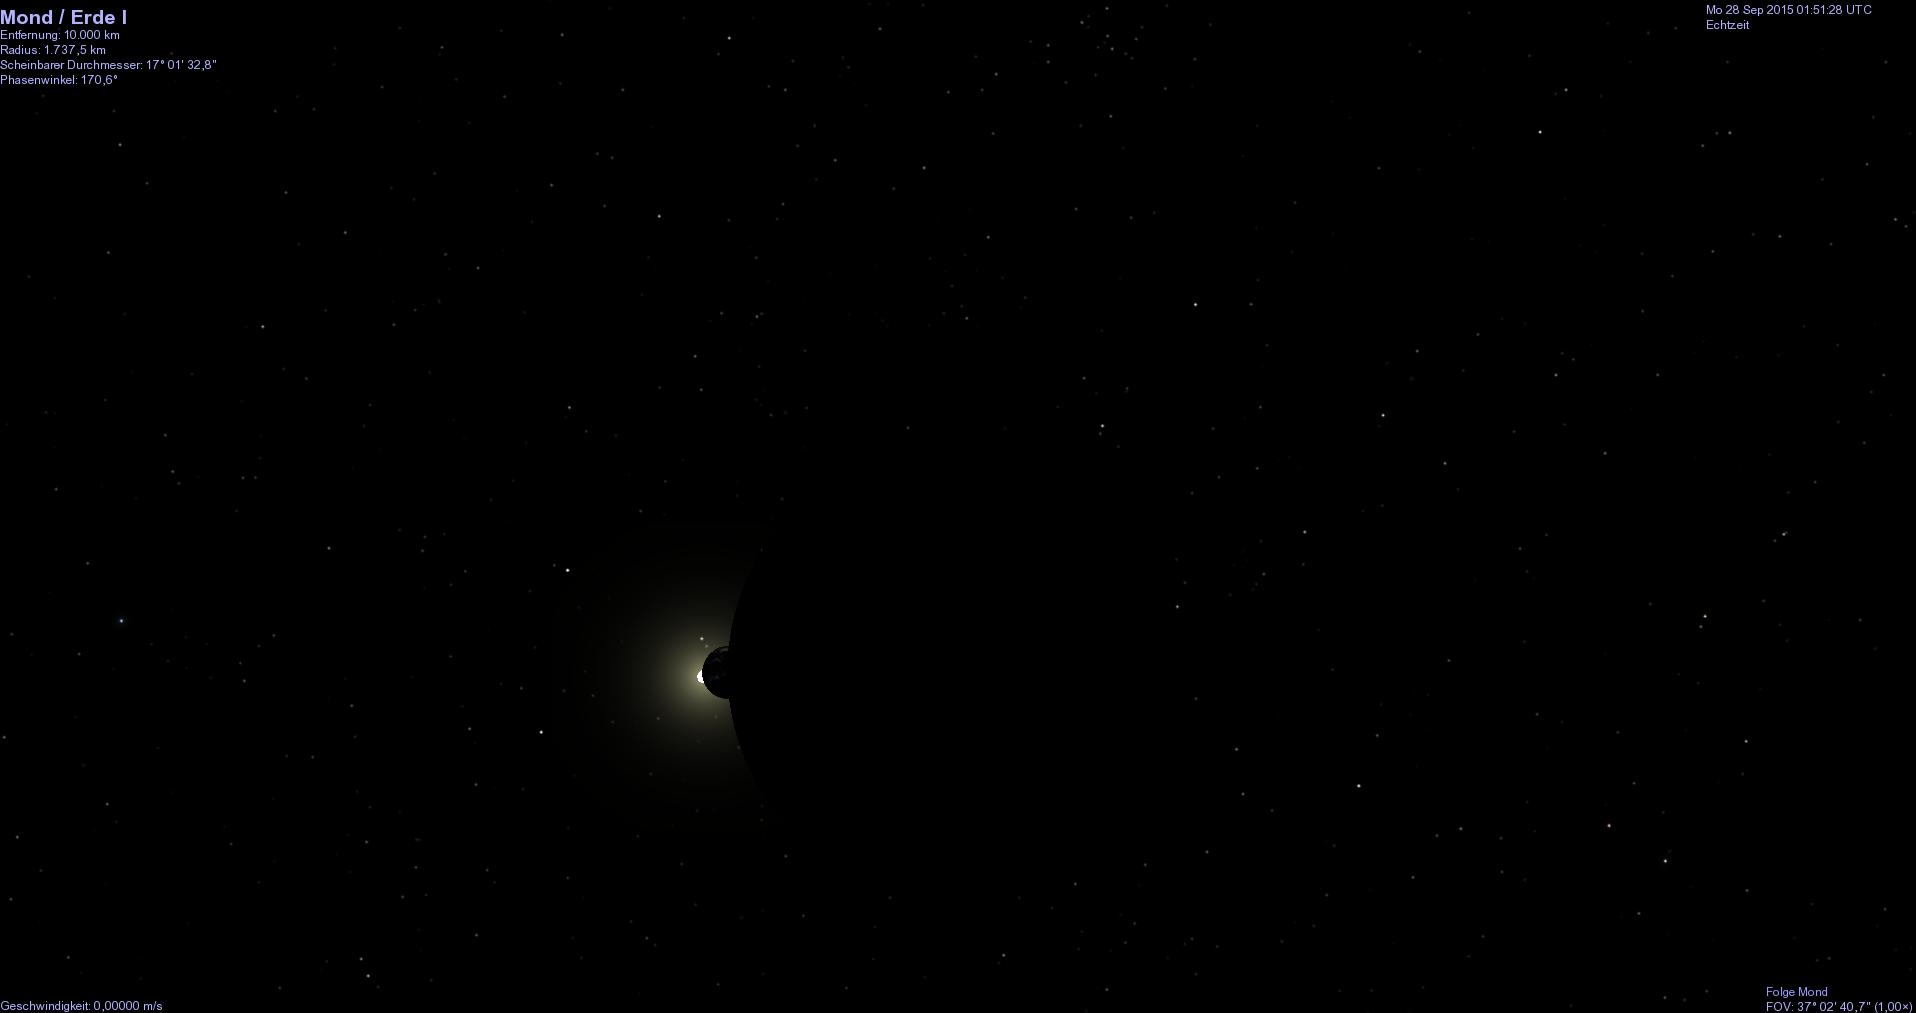 moon.png.028d3b9efe6a13a0c70ec68eb249449b.png